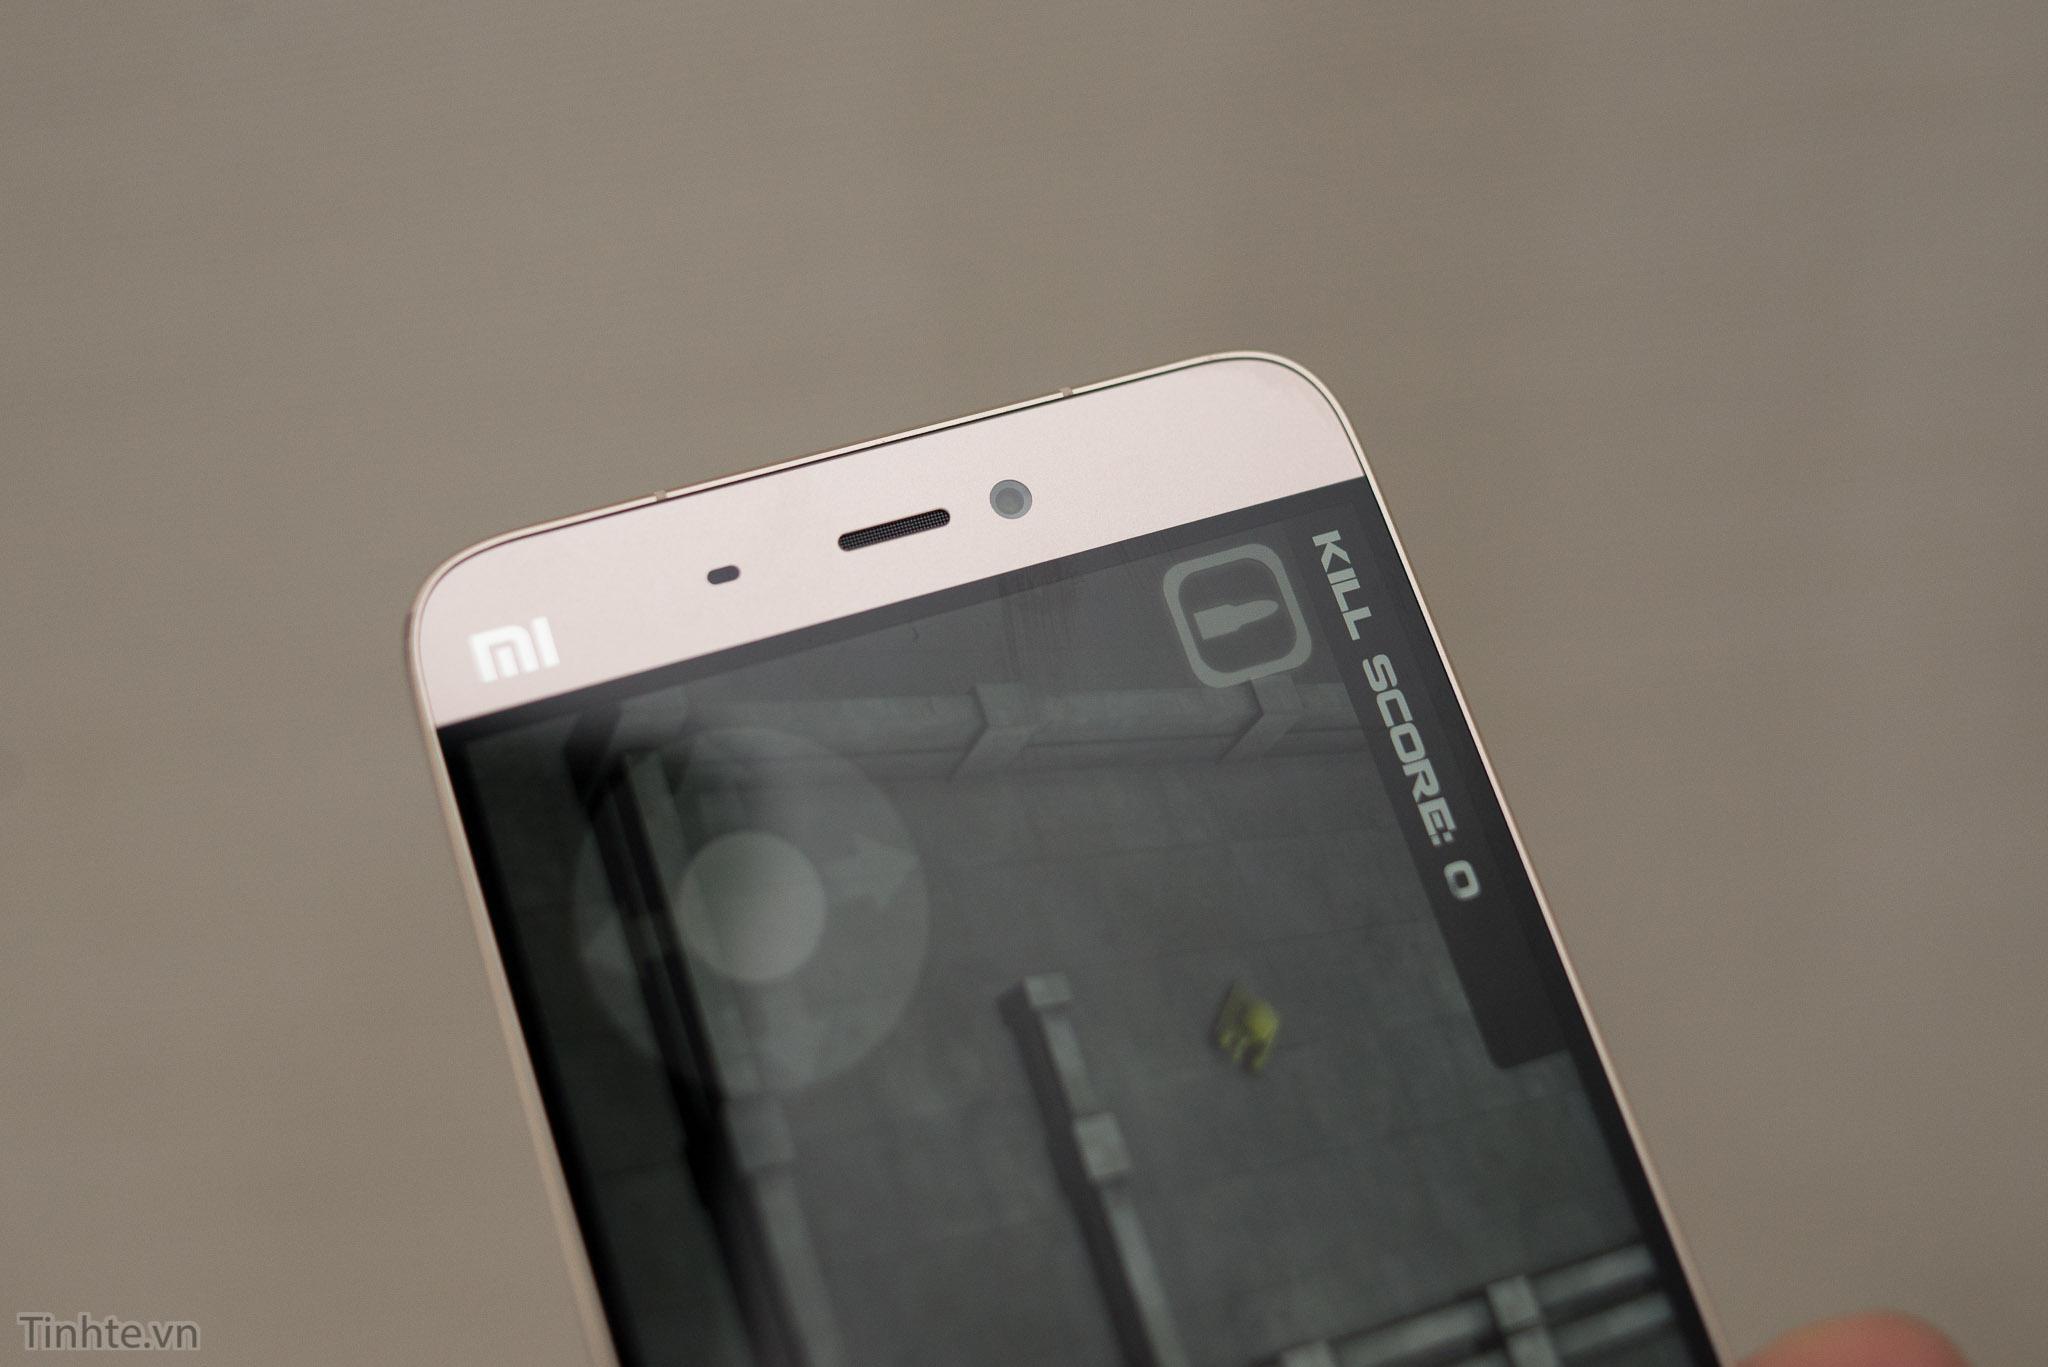 Xiaomi_Mi5_chinh_hang_tren_tay_tinhte.vn-11.jpg